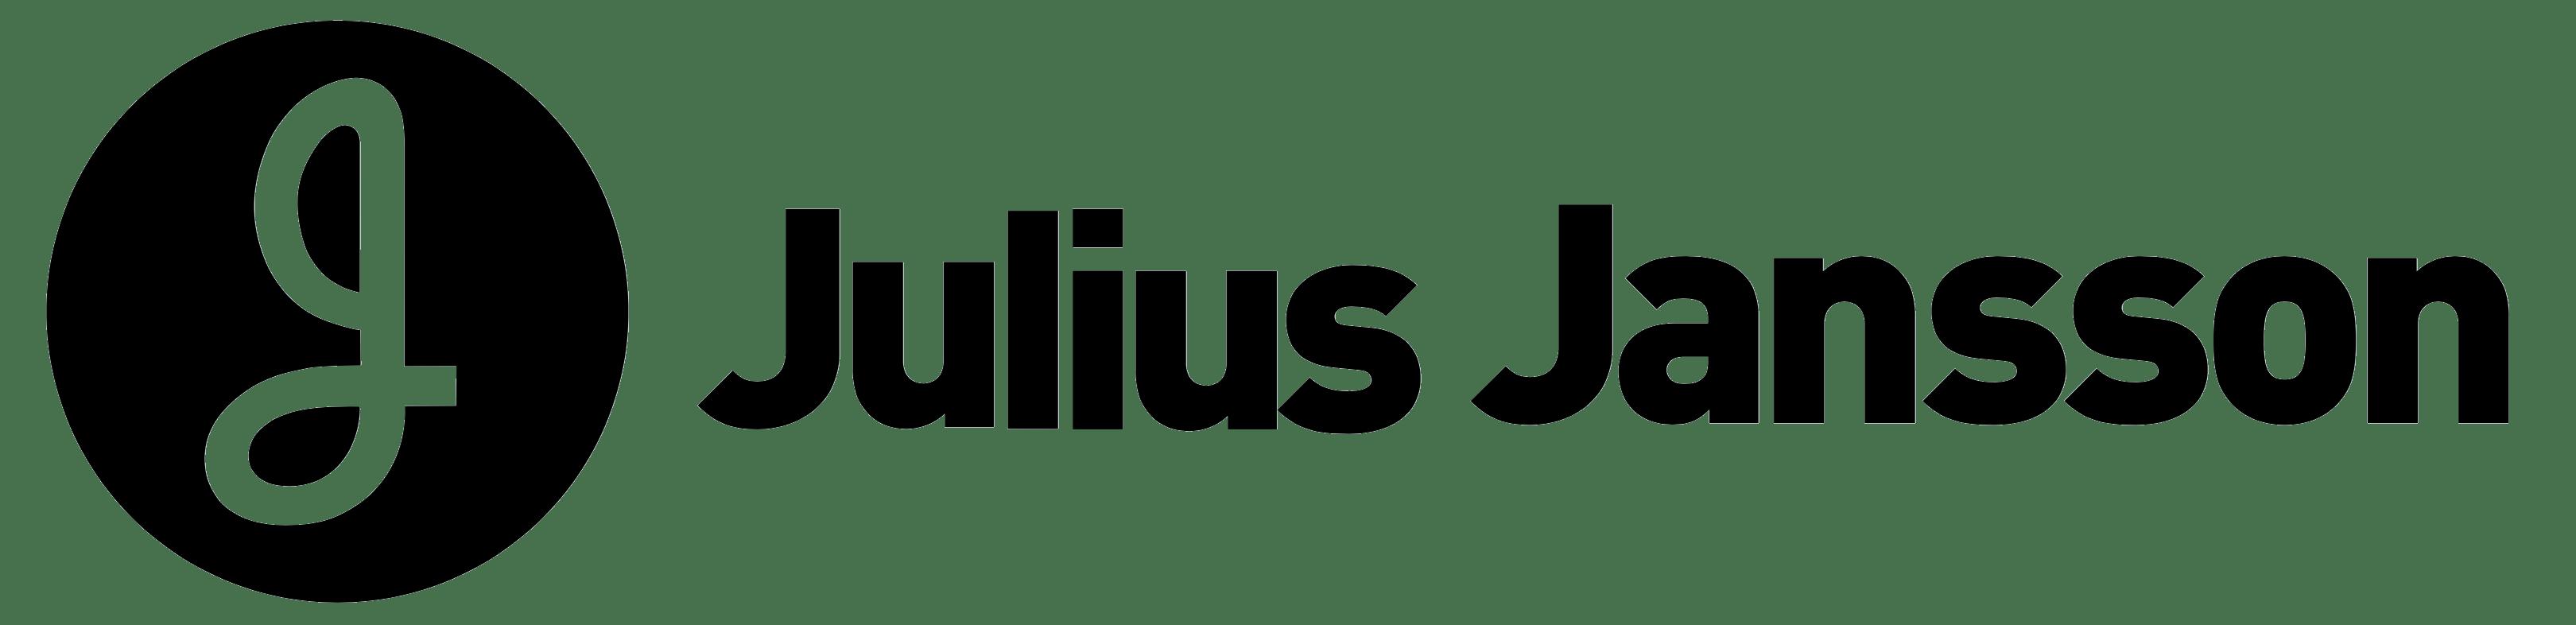 Julius Jansson